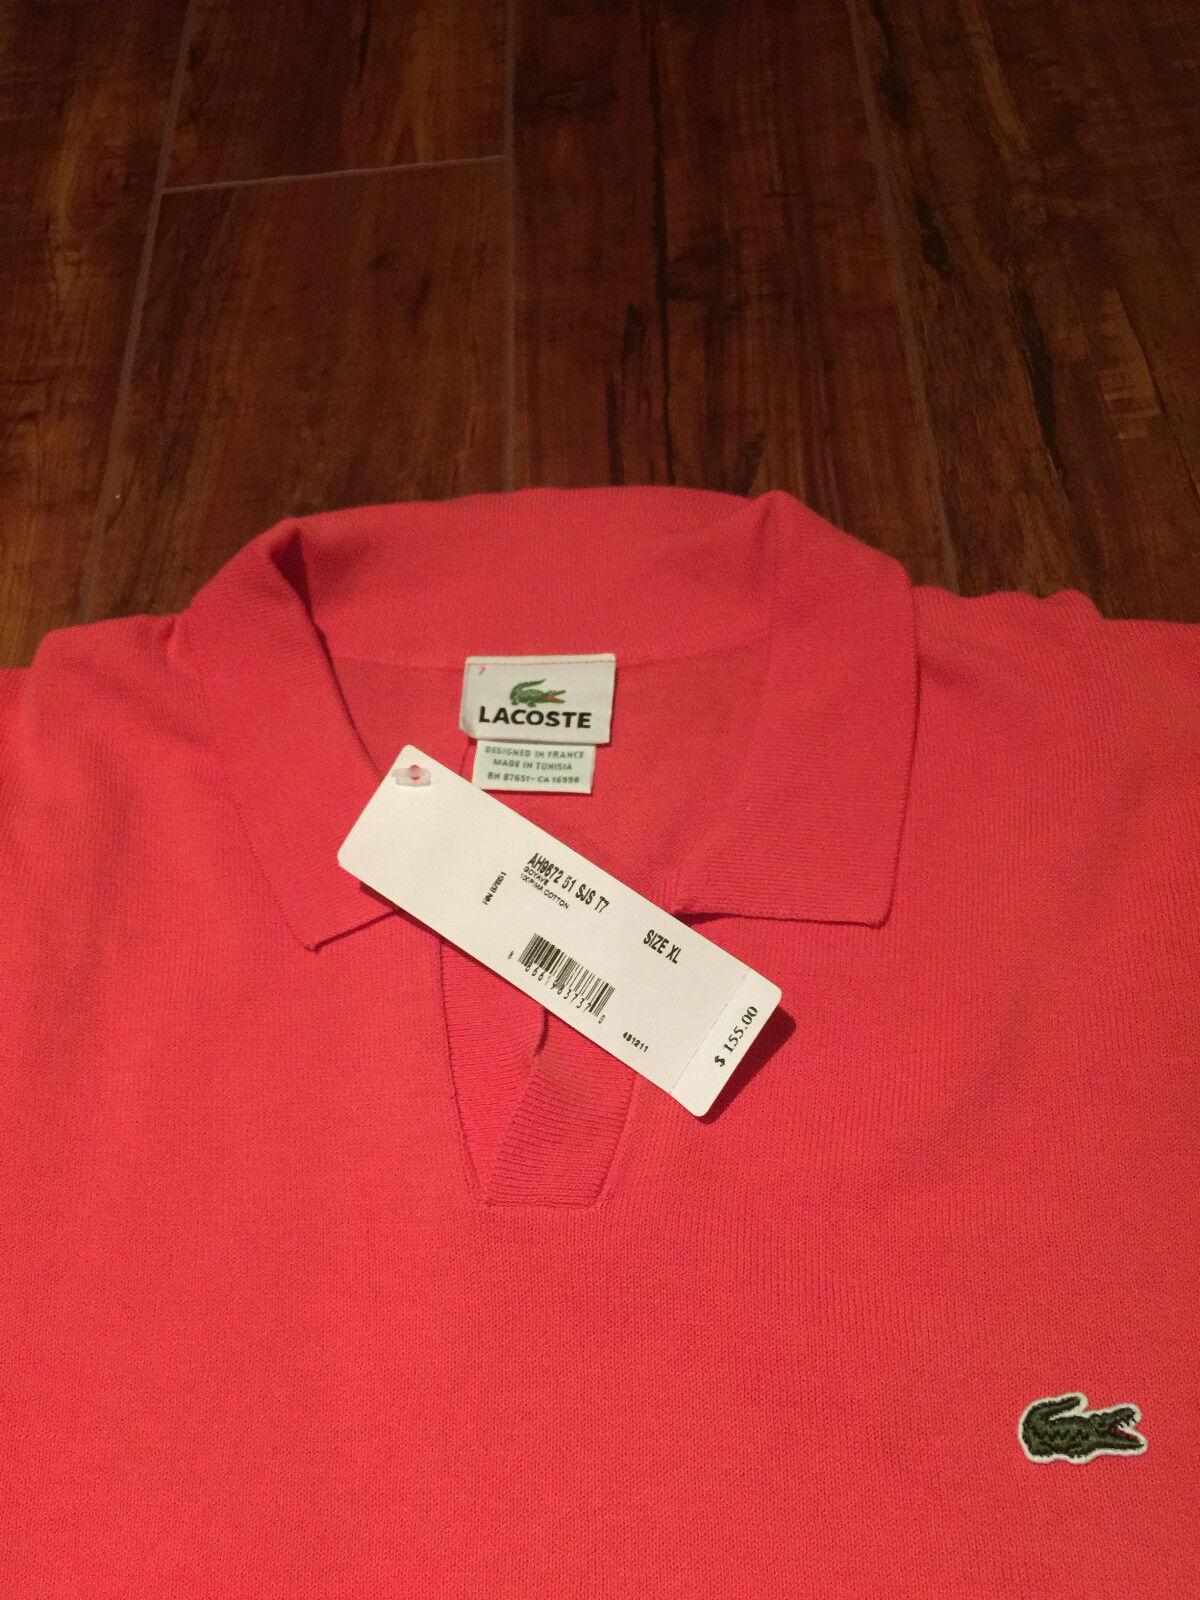 NWT Authentic 155 LACOSTE  Herren 100% Pima Cotton Orange LS Sweater -Größe 7 (XL)